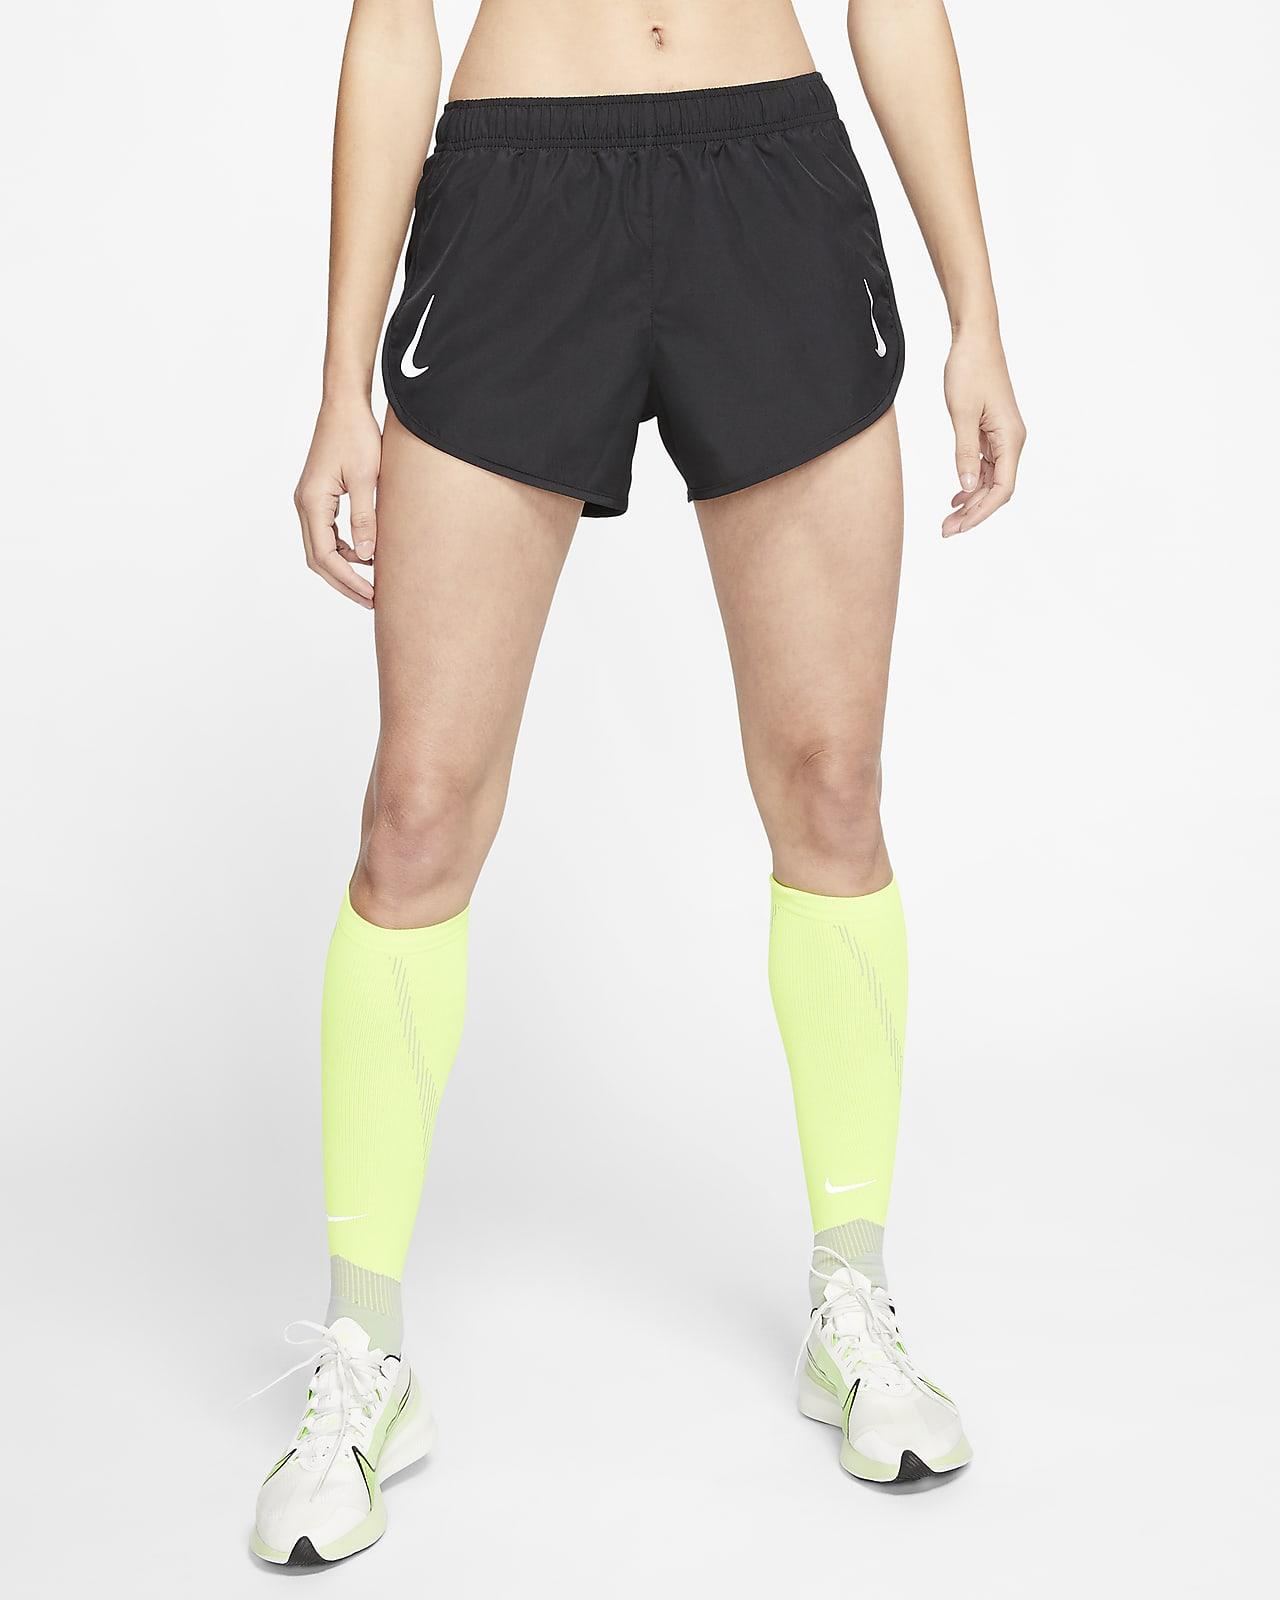 Dámské běžecké kraťasy Nike Tempo vyššího střihu